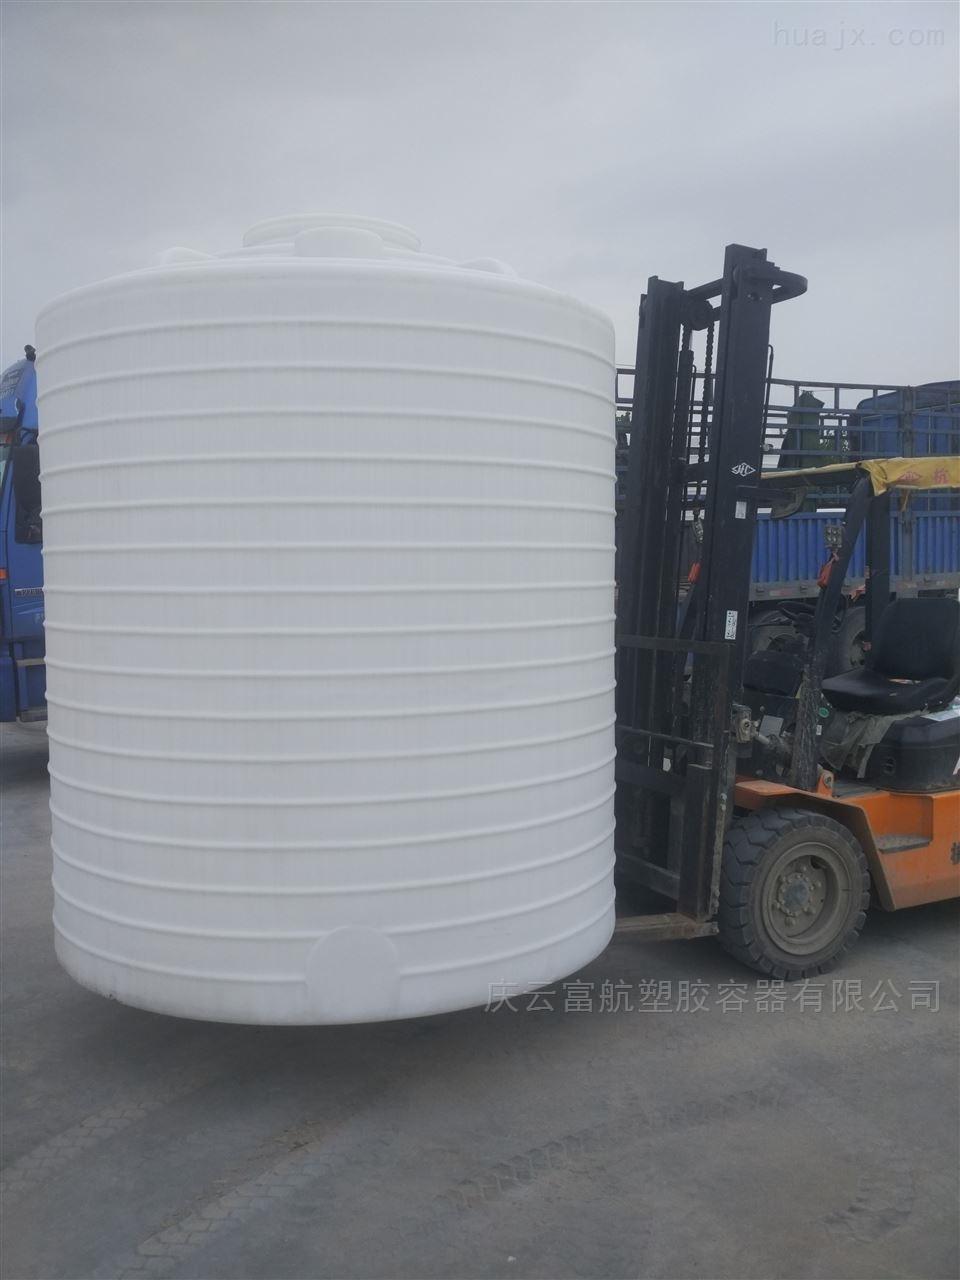 耐酸碱10吨塑料储罐